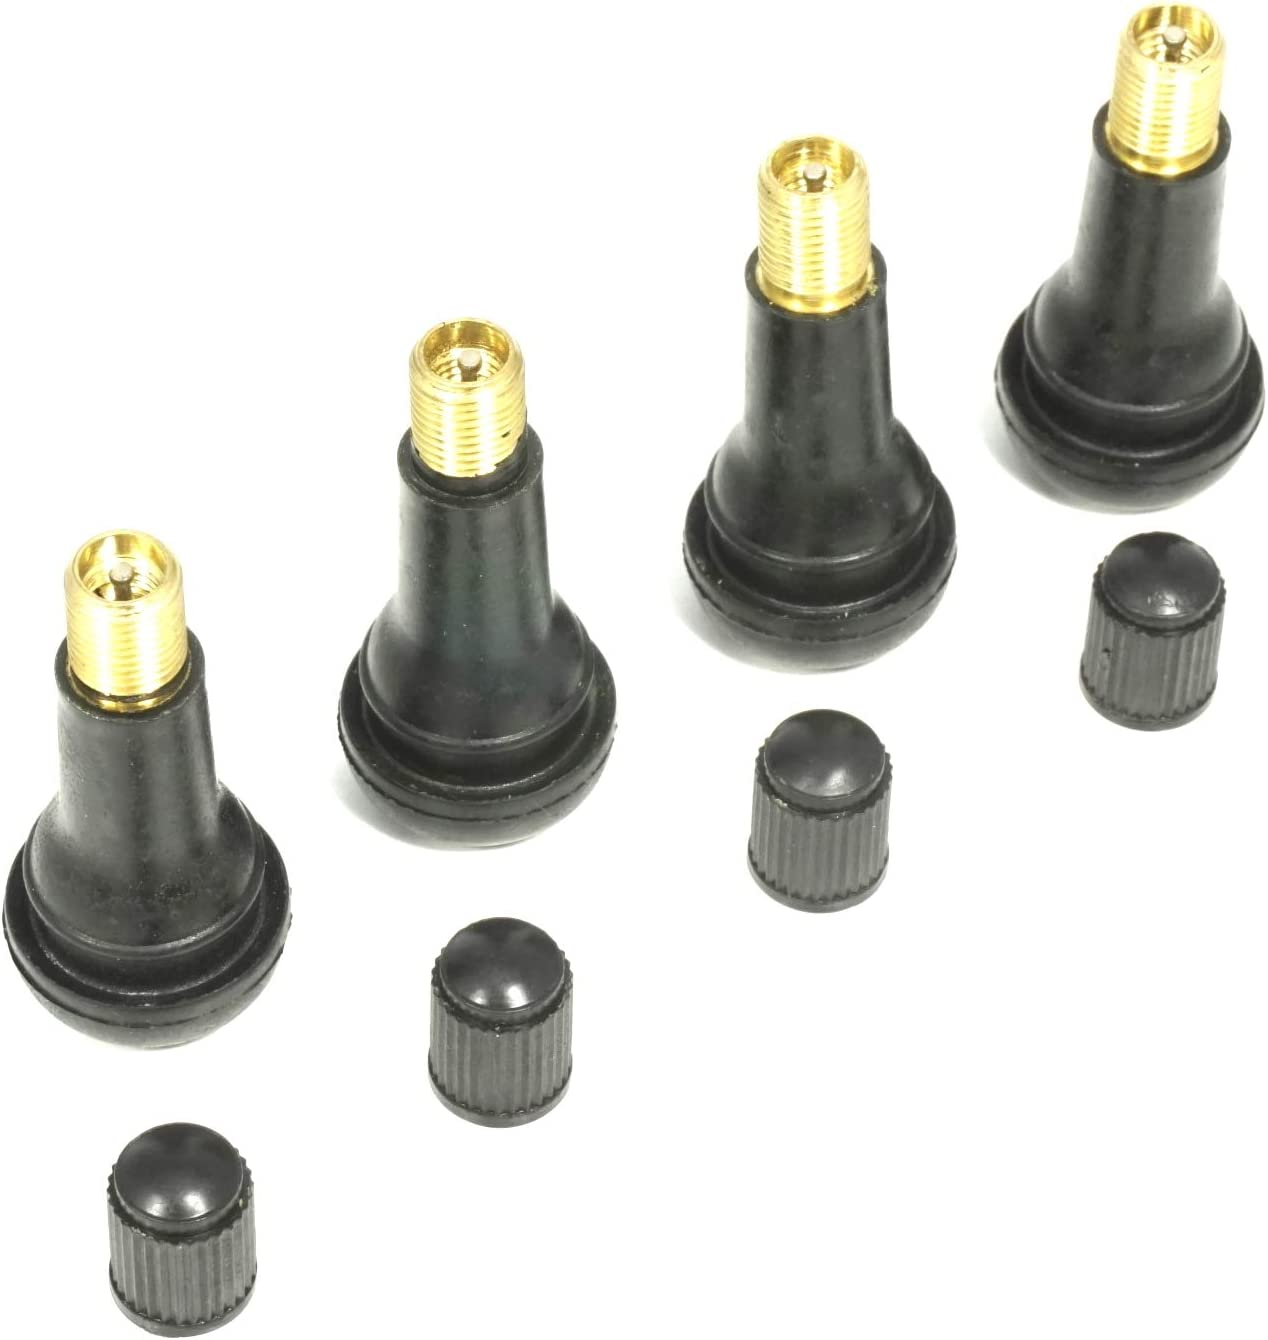 4 válvulas de goma Snap-In TR 413 para neumáticos, 43 mm